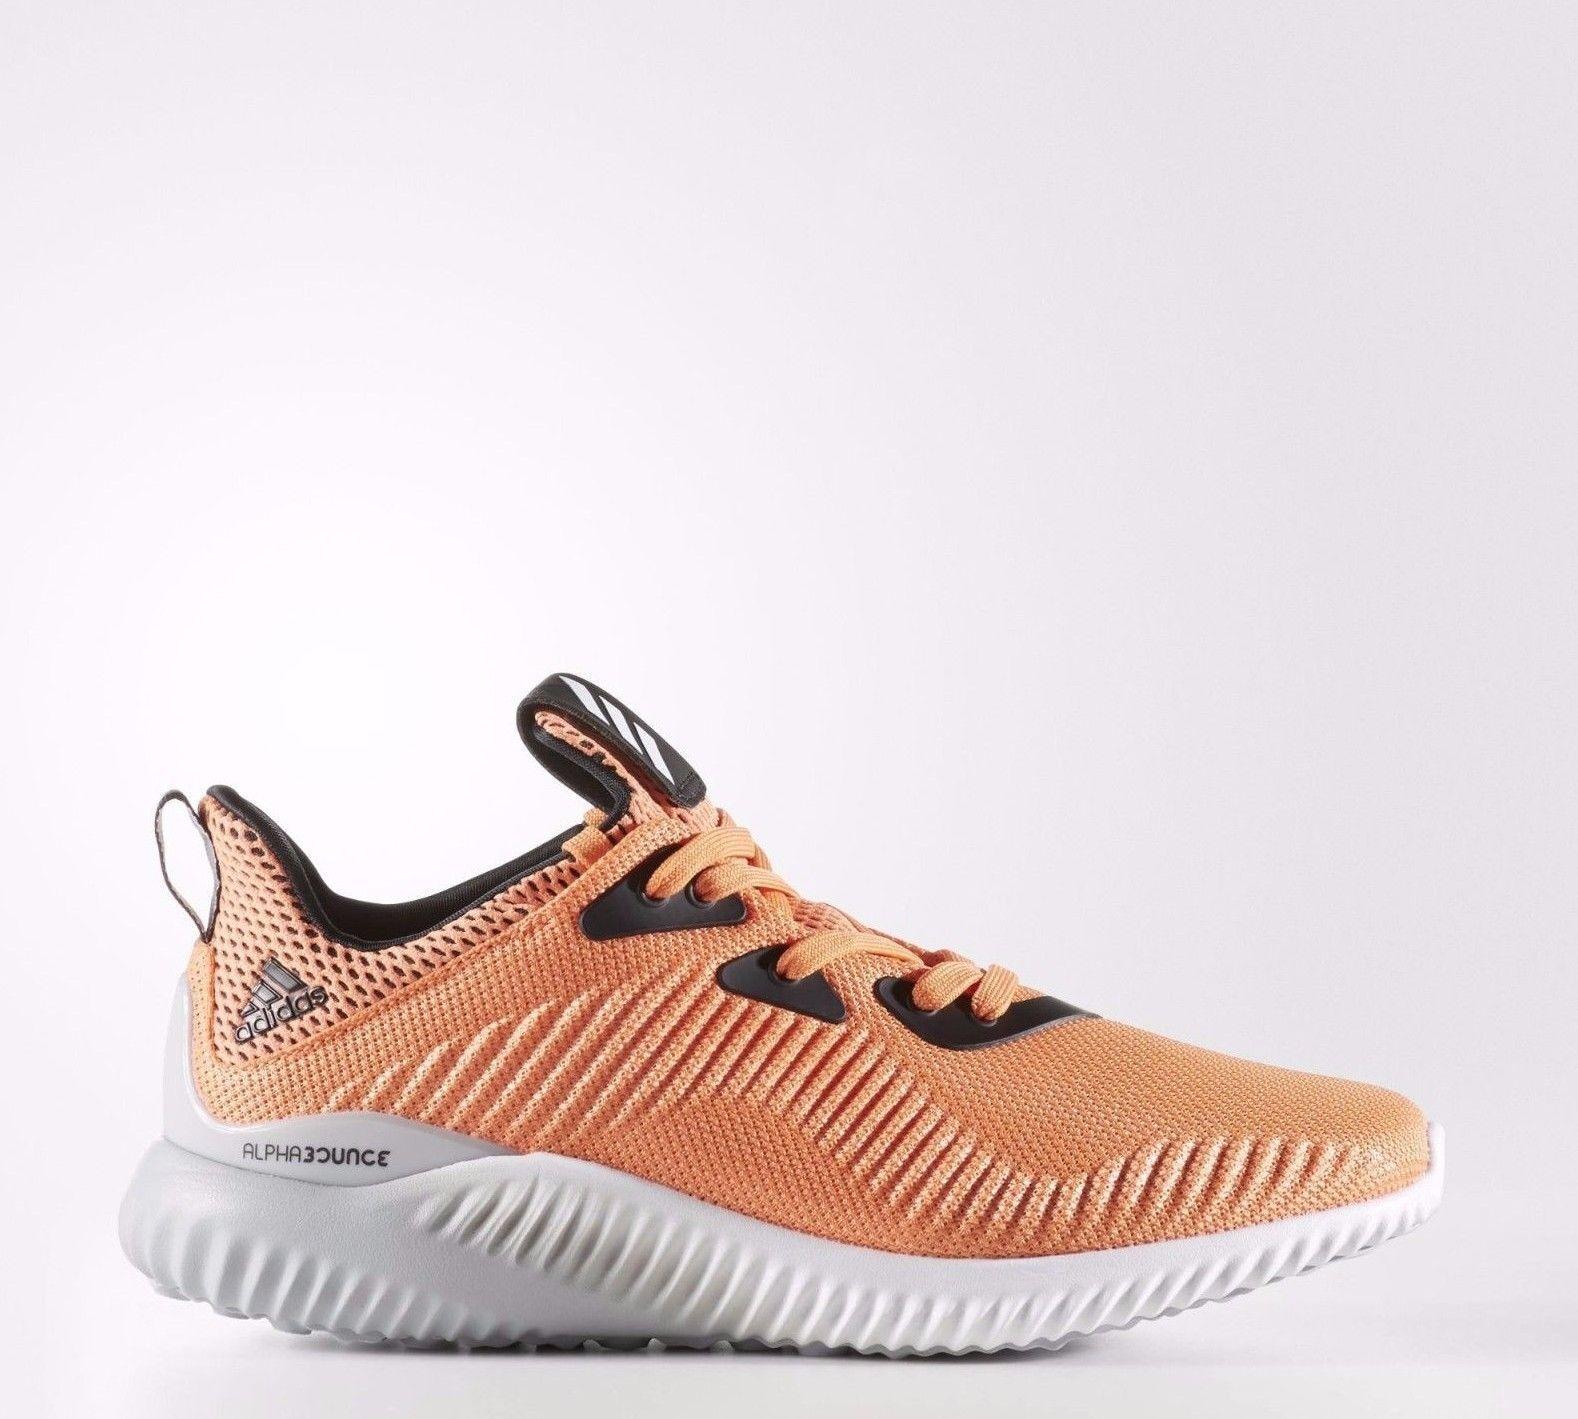 Adidas Women's Alphabounce 1 Running Shoes - B39431